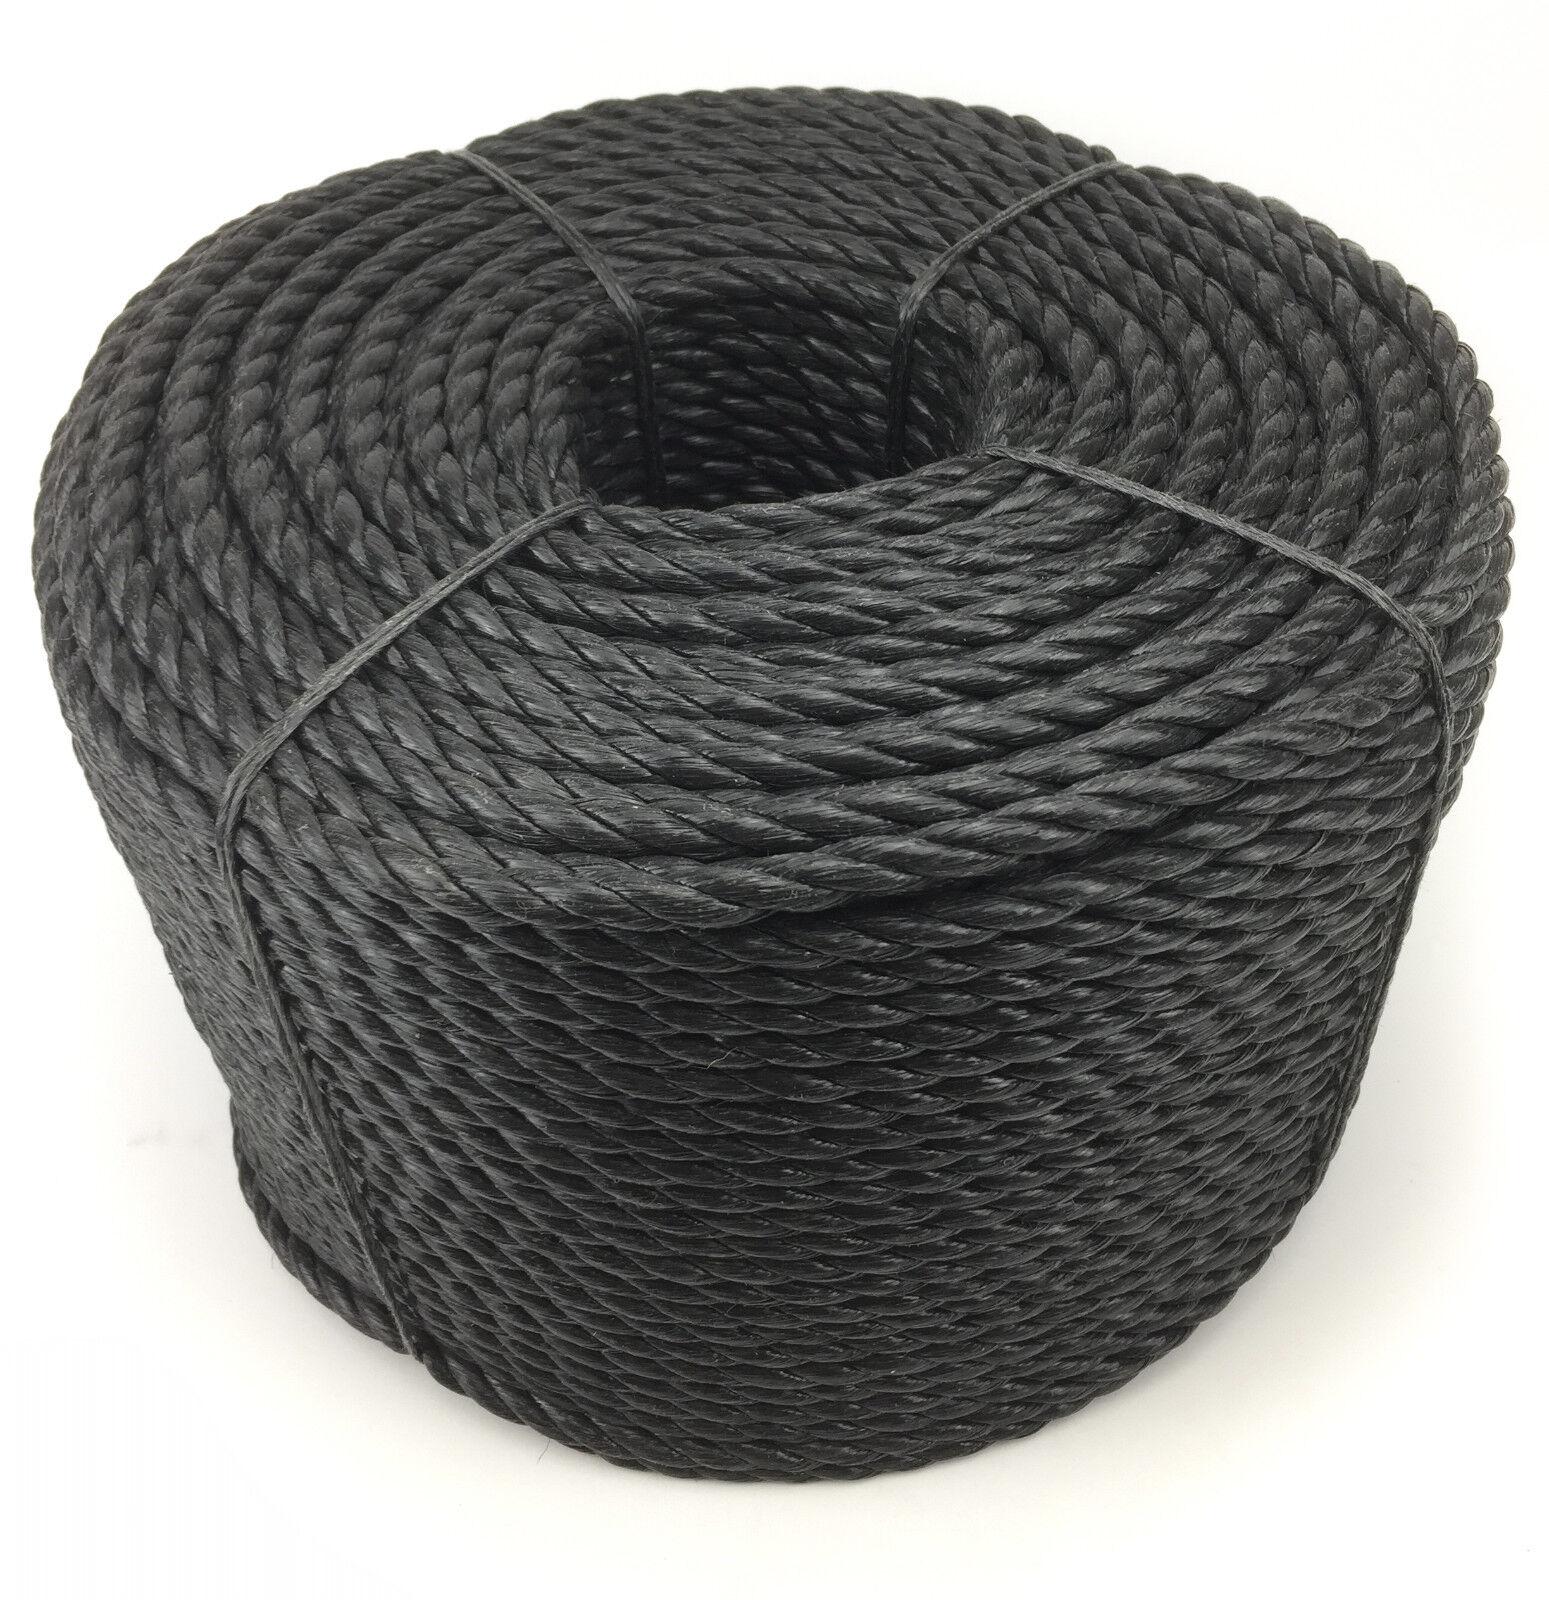 28mm schwarz Polypropylen Seil x 50 Meter, Poly-Seil Rollen, preiswert Nylon